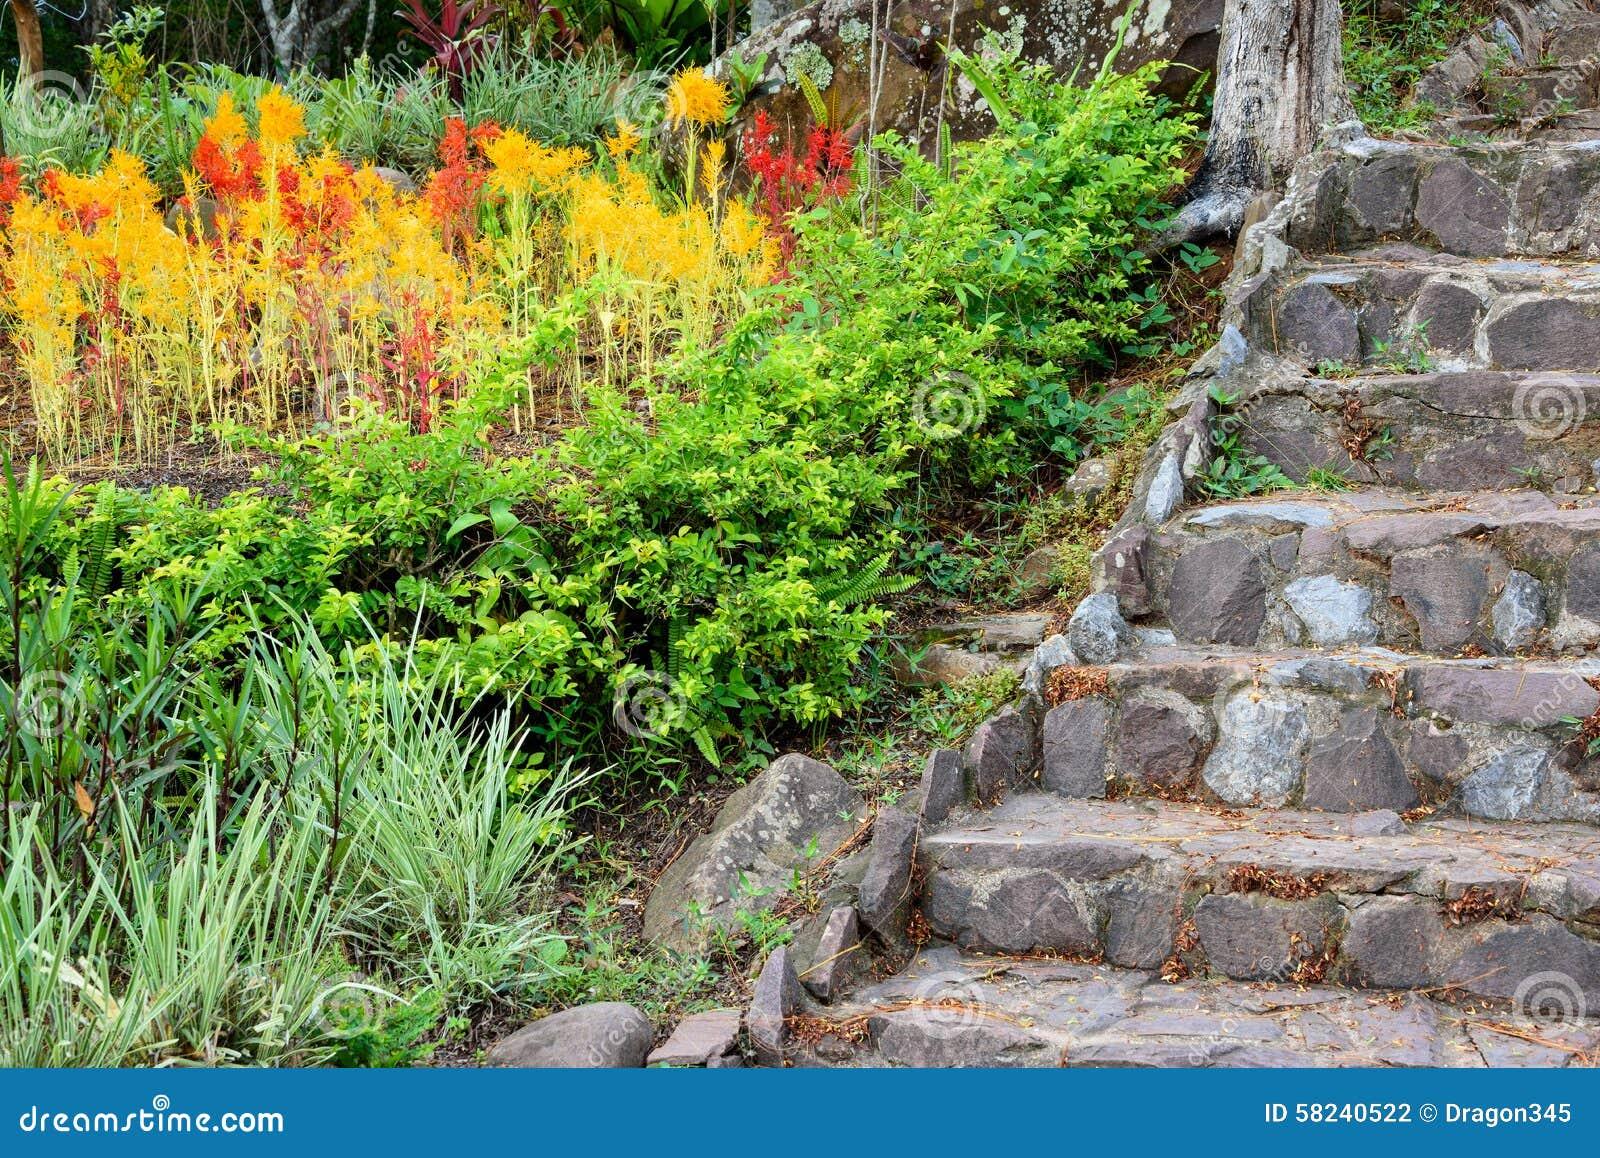 Escalier De Jardin En Pierre vieil escalier en pierre dans le jardin coloré photo stock - image